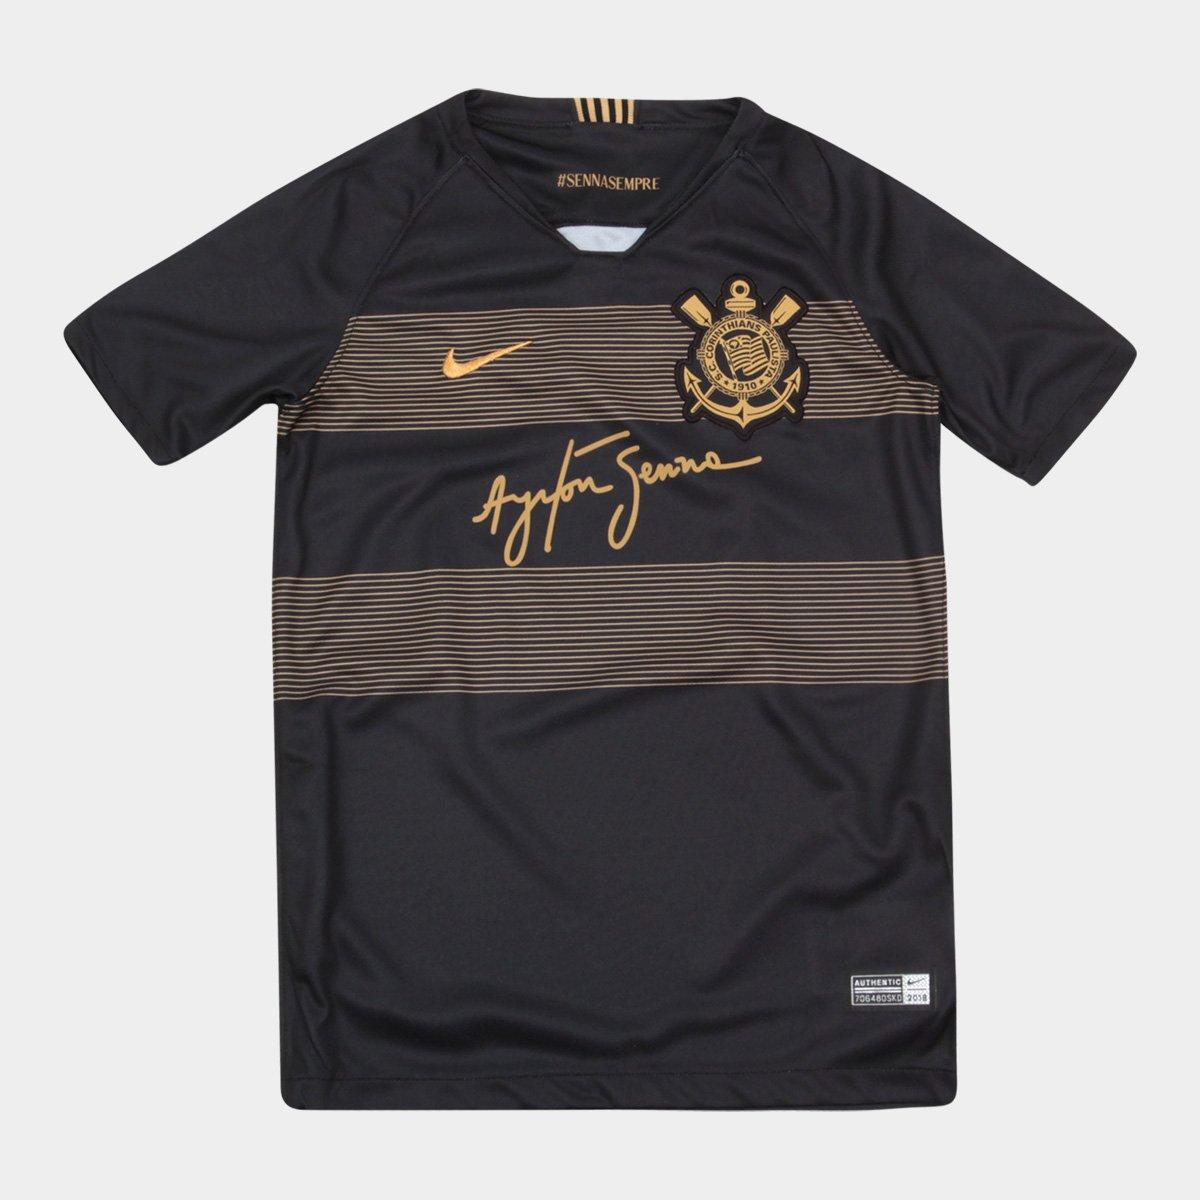 95ec440e2696d Camisa Corinthians Infantil III 2018 s n° - Torcedor Nike - Preto e Dourado  - Compre Agora